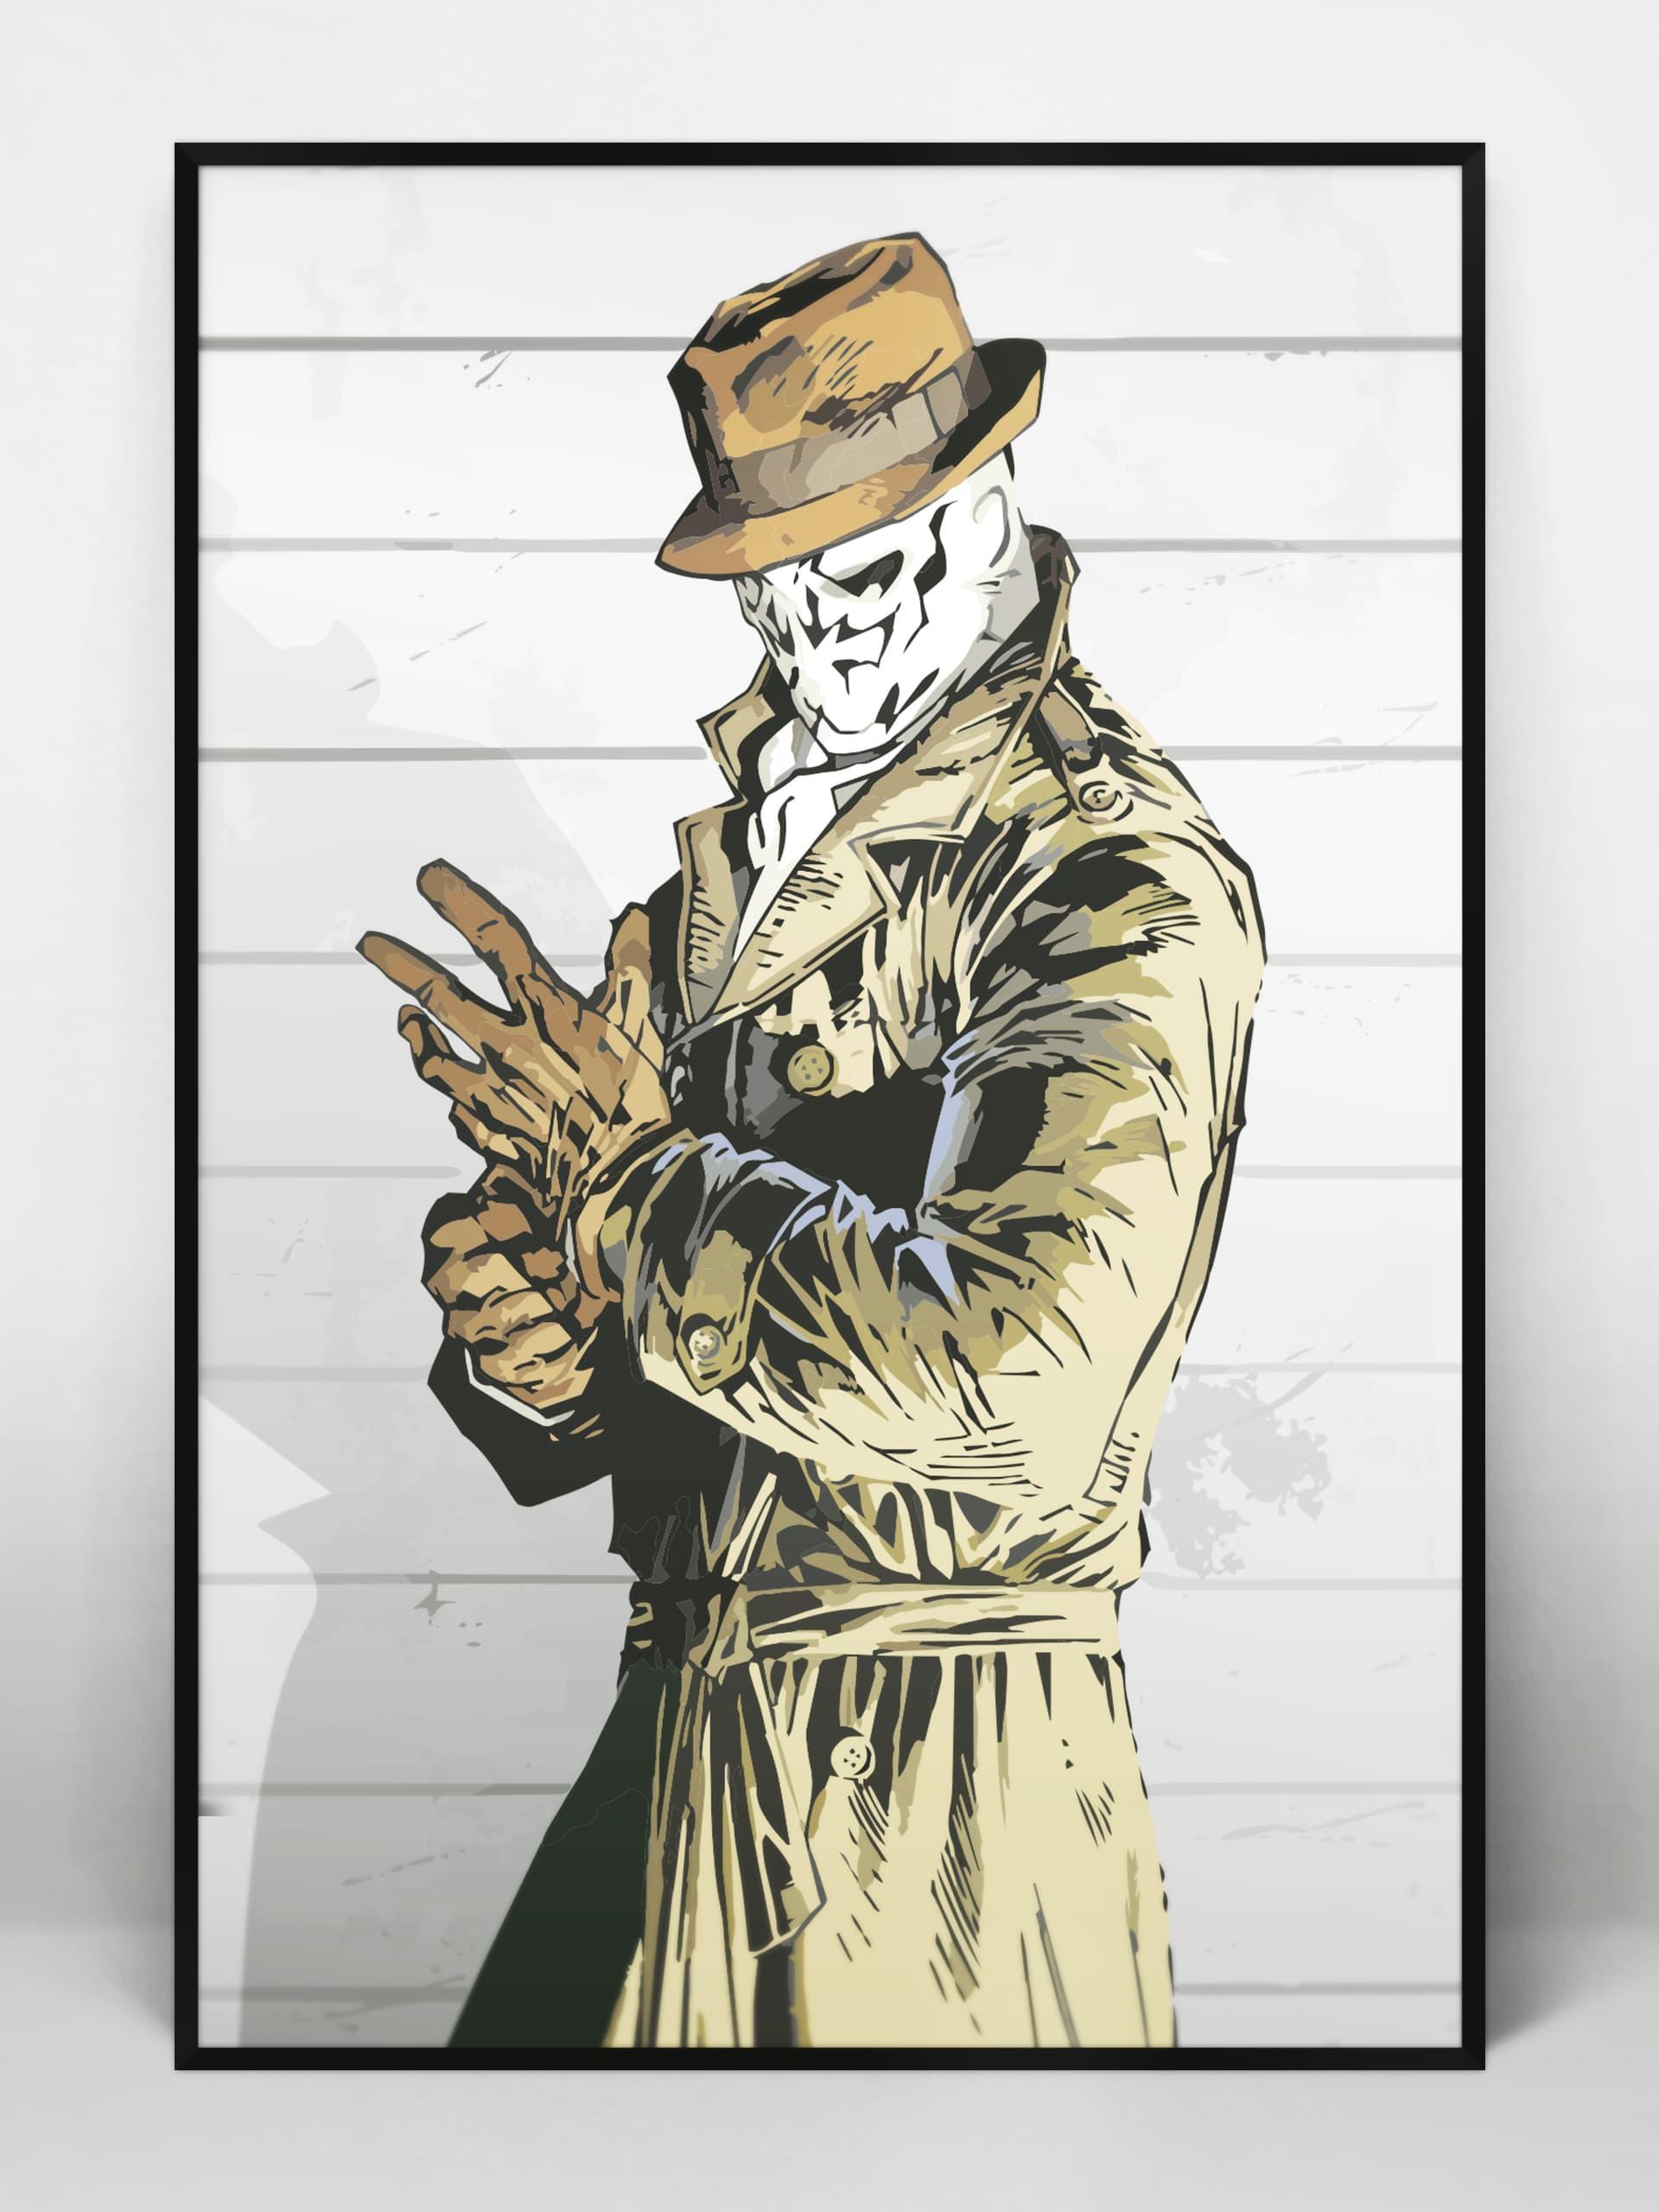 Rorschach Illustration